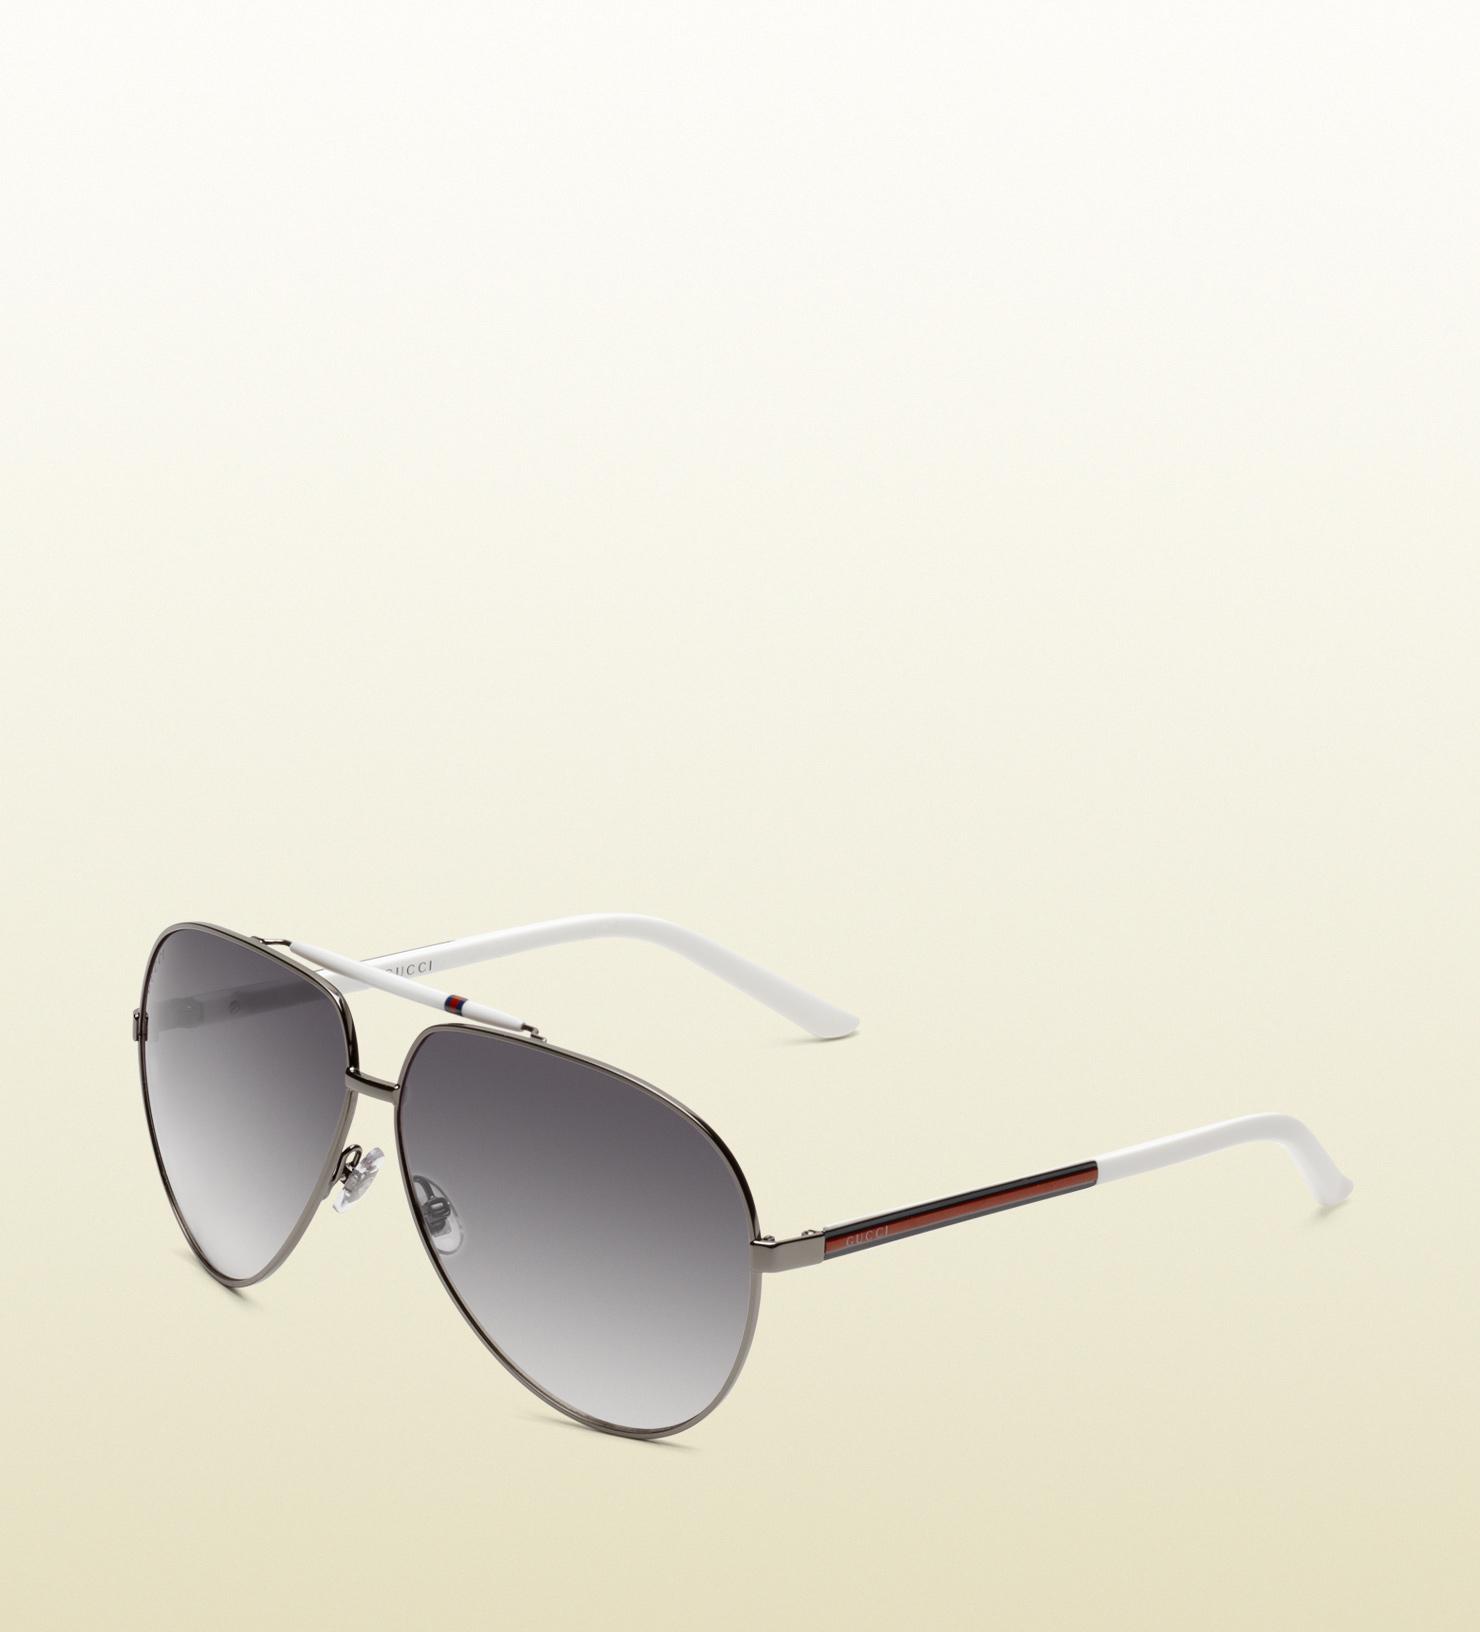 522d072e2c Gucci New Gucci 1933 s White Logo Stripe Aviator Sunglasses